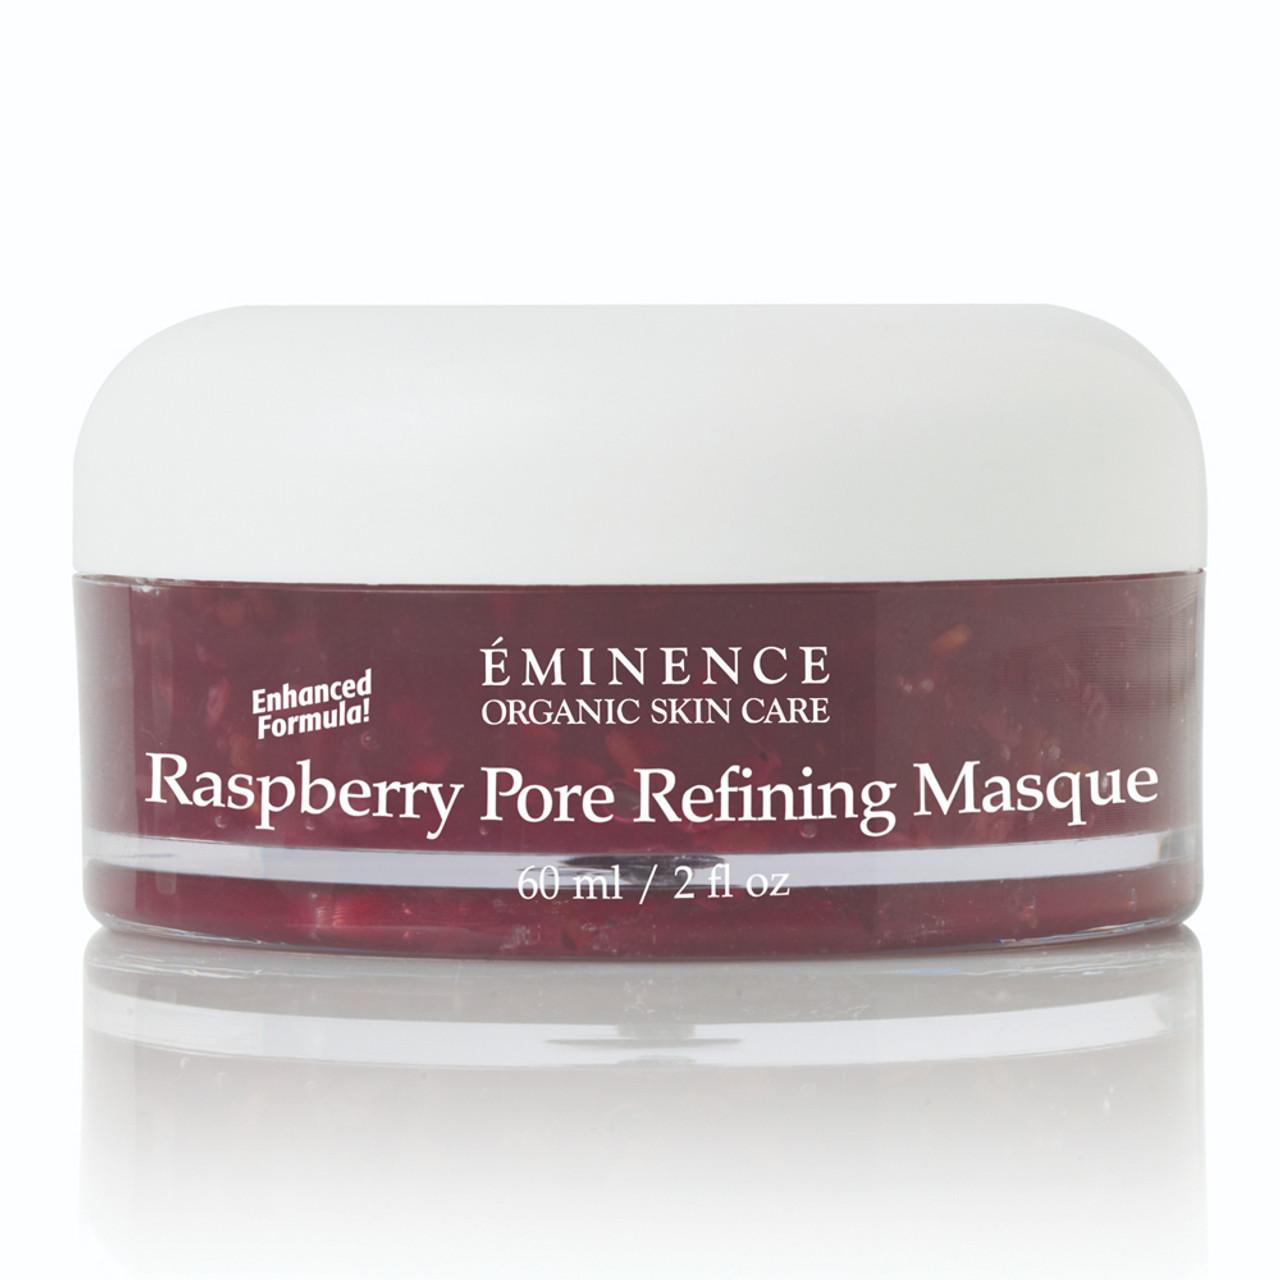 Eminence Raspberry Pore Refining Masque BeautifiedYou.com